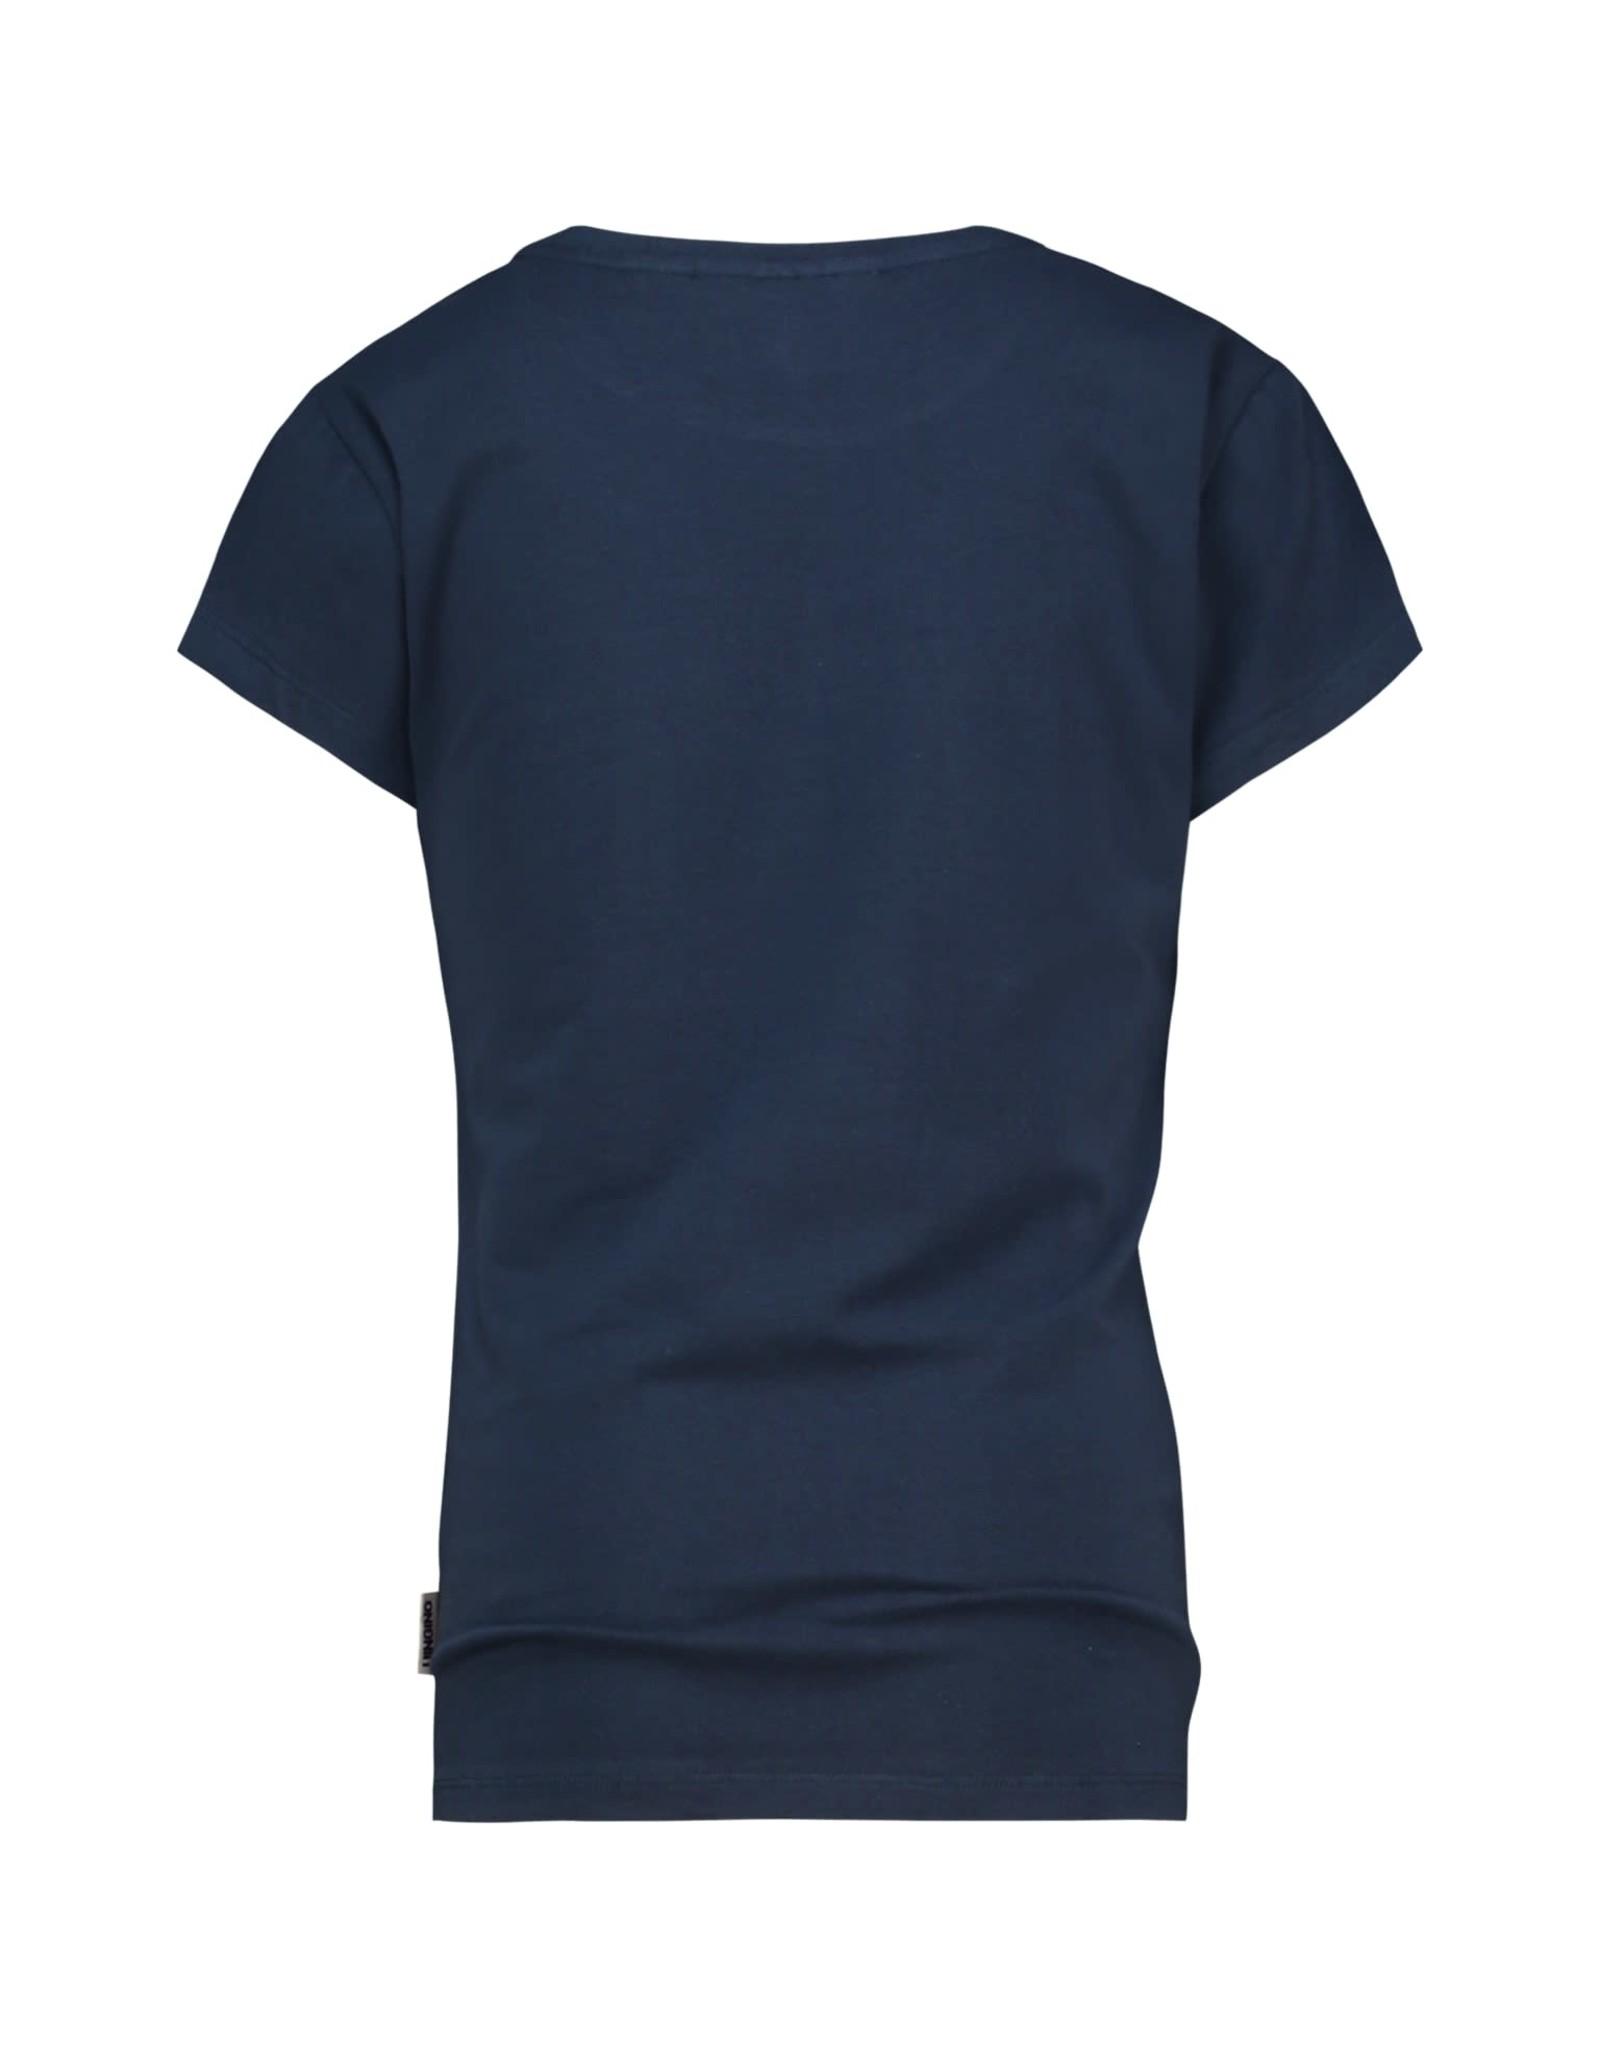 Vingino Vingino meiden By Danie t-shirt Herina Dark Blue